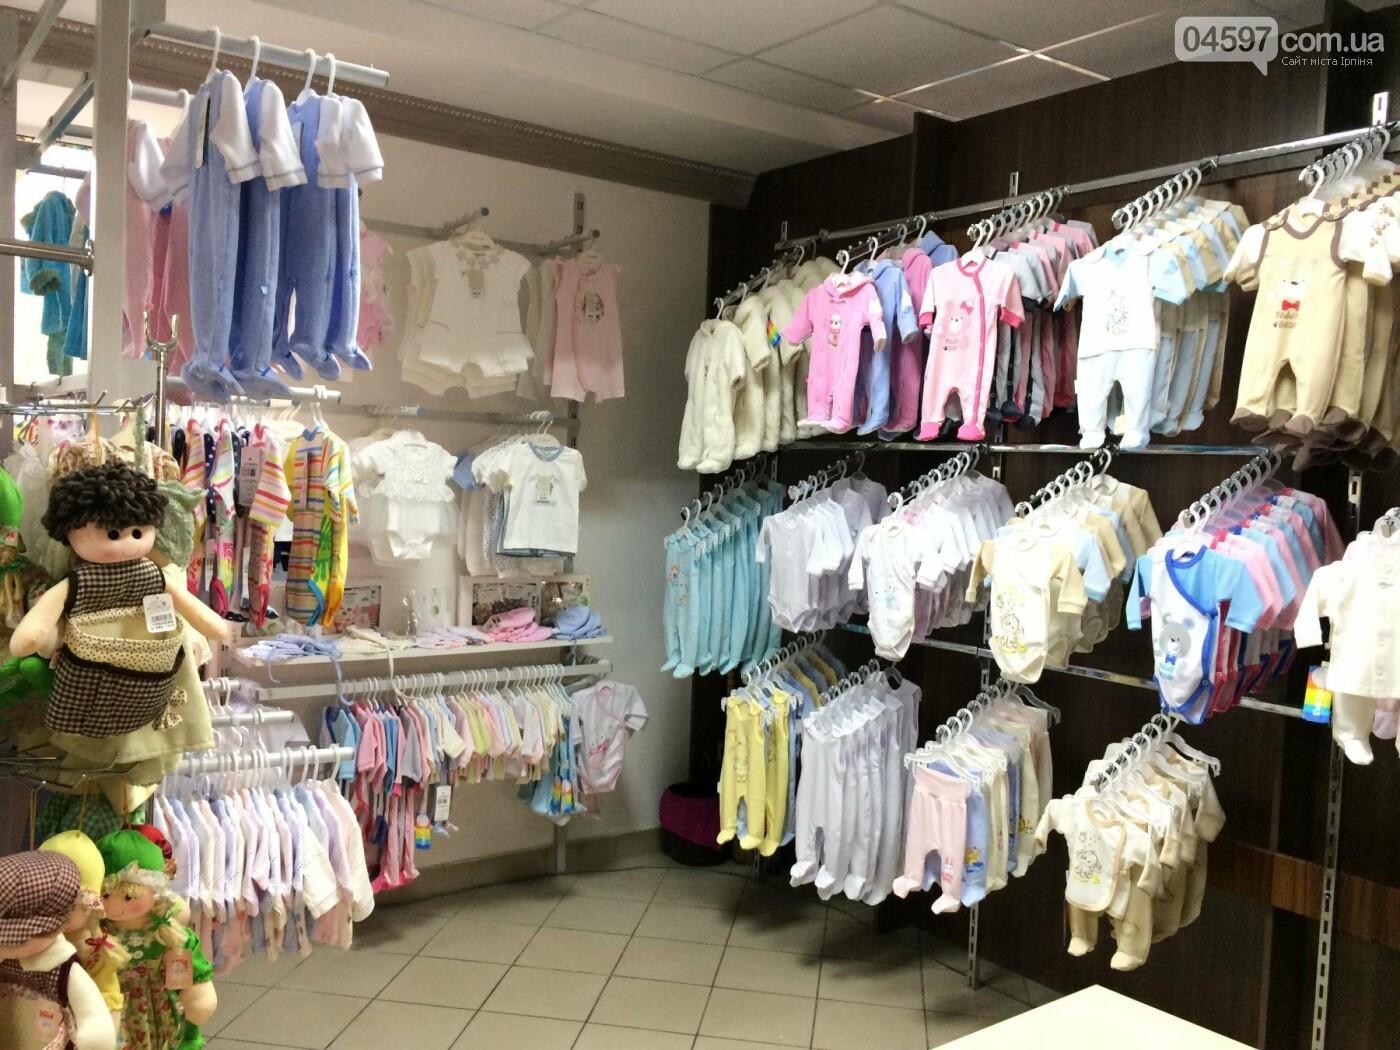 7ece11fd29f169 У магазині предсталений одяг для малюків від 0 місяців до 1 рочку польських  та турецьких виробників. Ціни доступні, речі високої якості.